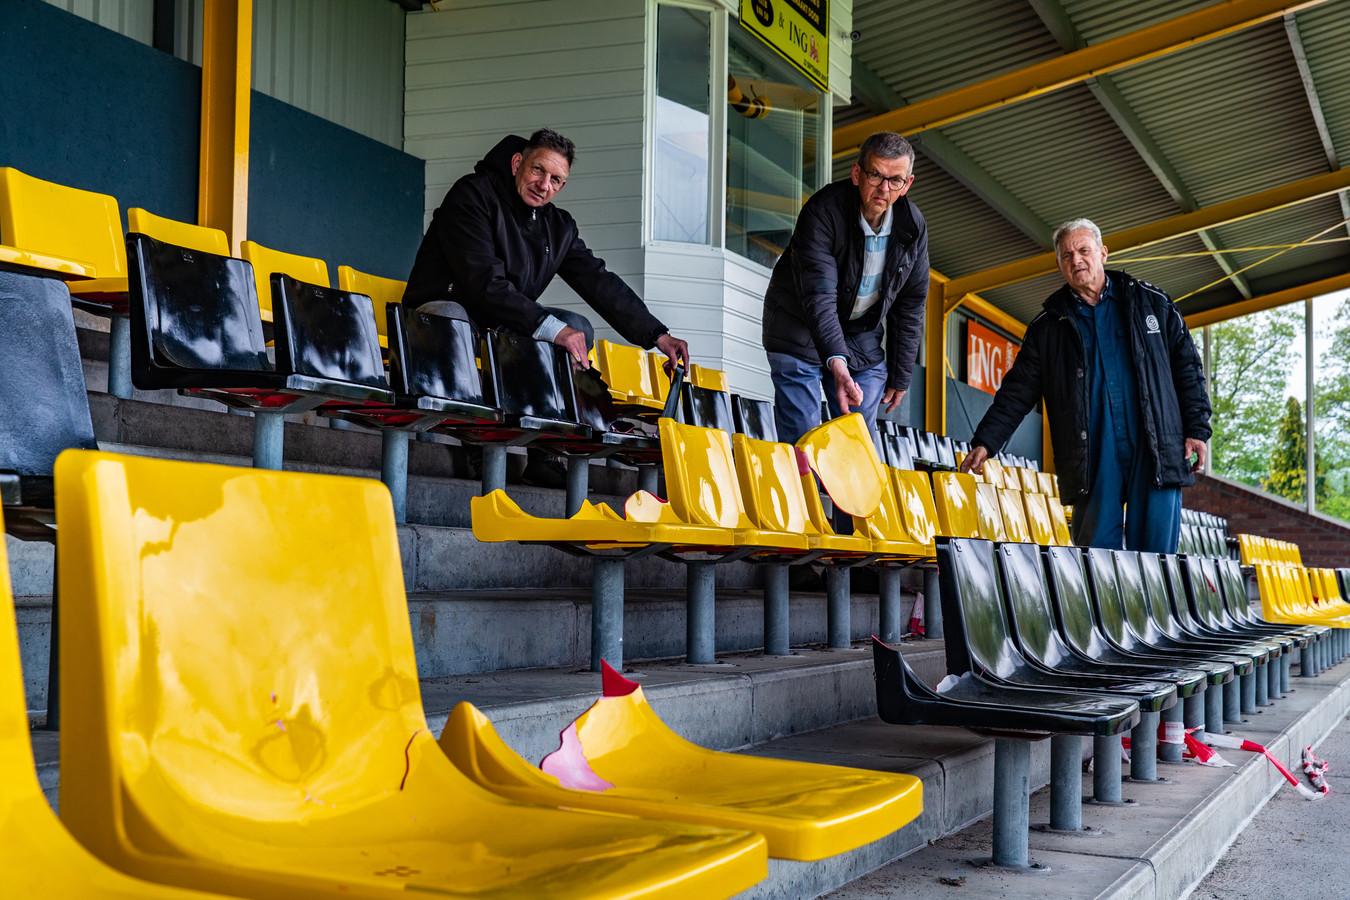 Vrijwilligers Martin Orsel, Henk Ruitenberg en Free van Voorst van Colmschate op de tribune van hun club met vernielde stoeltjes